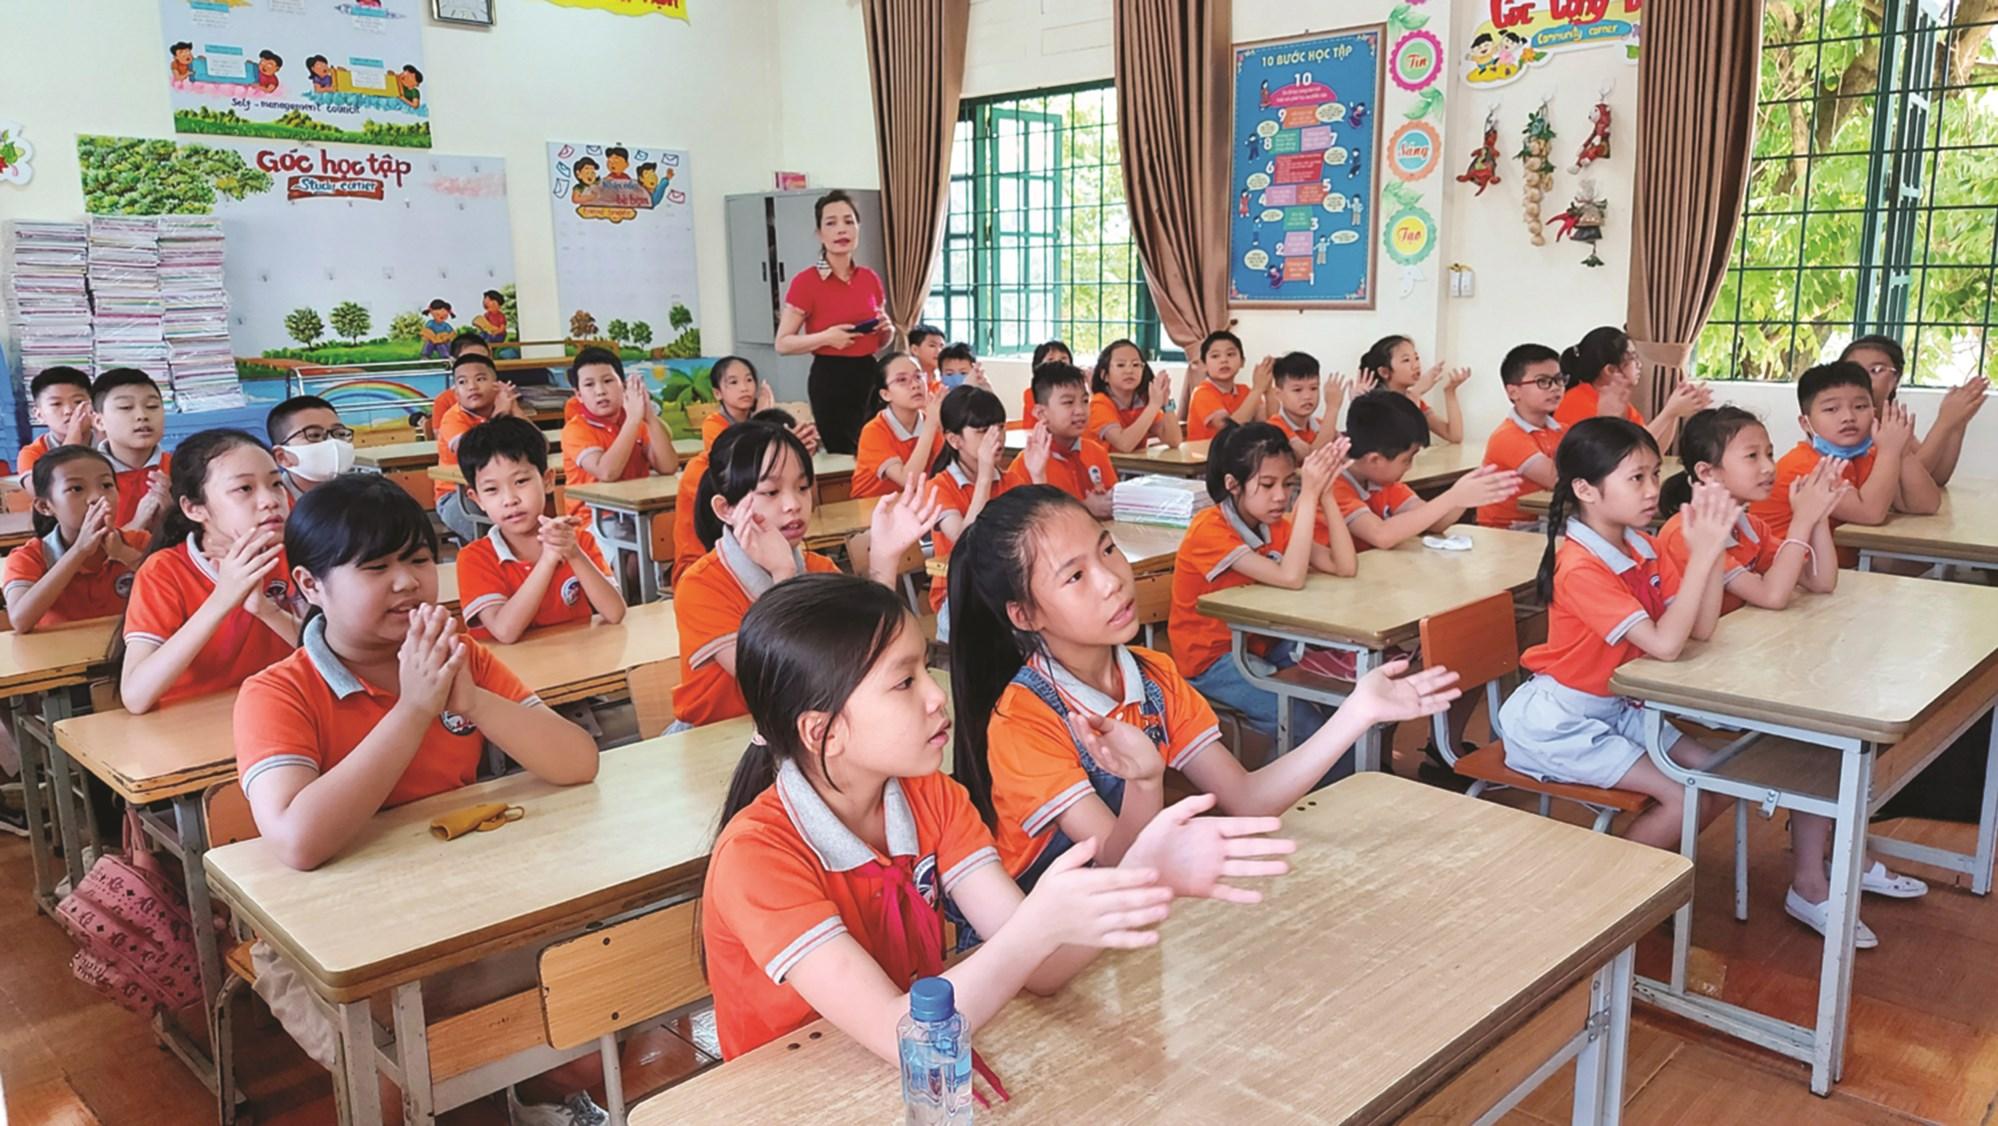 Năm học 2020 - 2021, tỉnh Lào Cai có hơn 220 nghìn học sinh ở các cấp học. Các trường đều thực hiện nghiêm việc phòng, chống dịch bệnh Covid -19 trong ngày học sinh tựu trường